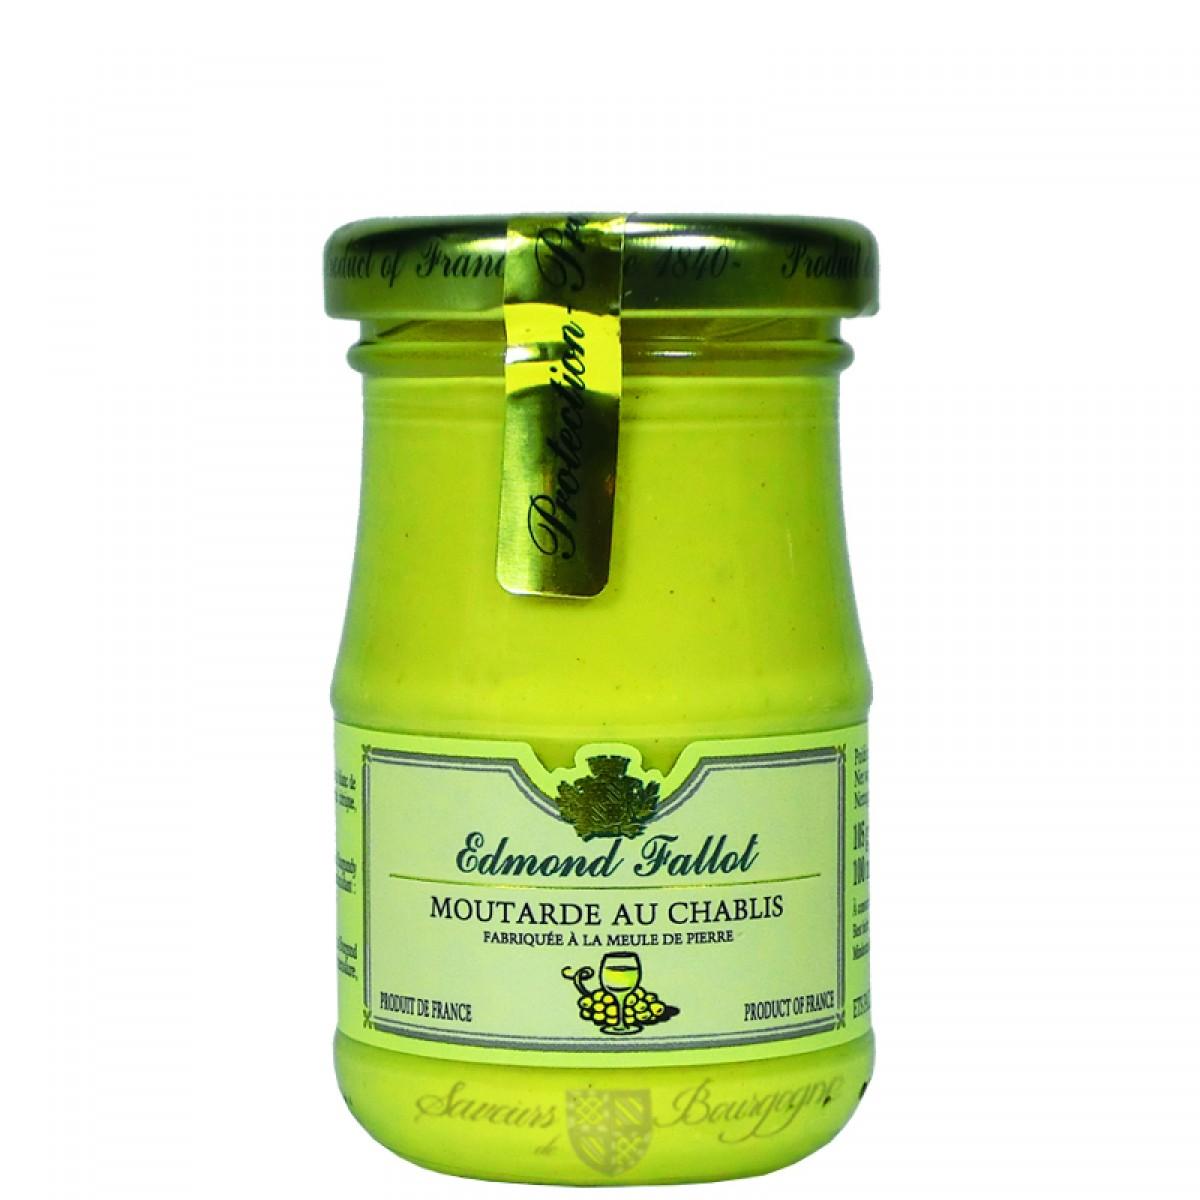 Moutarde au chablis 100g fallot saveurs de bourgogne vente de produits du - Moutarde fallot vente ...